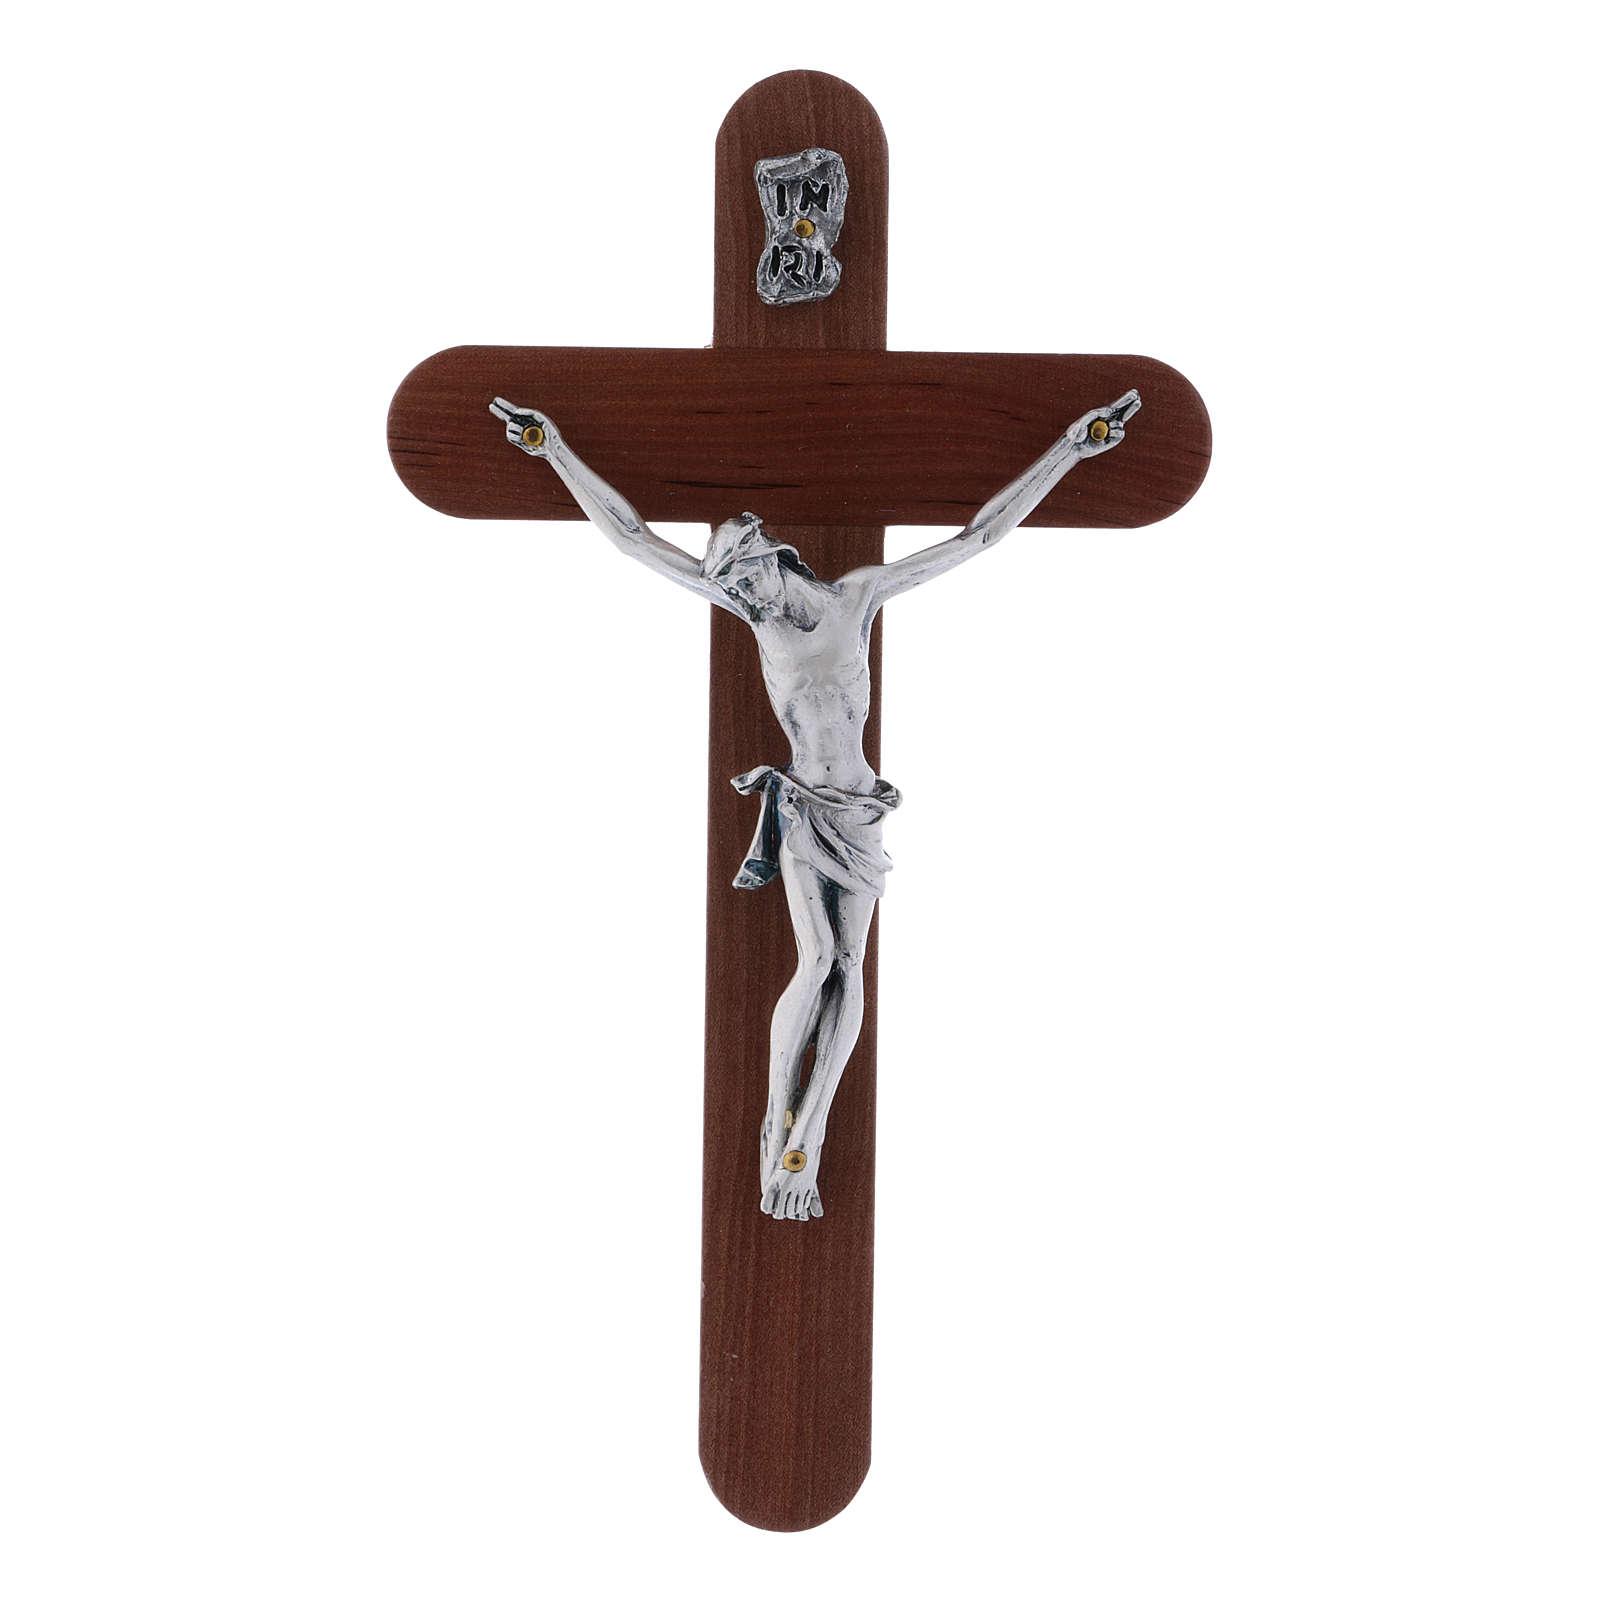 Crocifisso arrotondato moderno in legno di pero 16 cm con corpo argentato 4